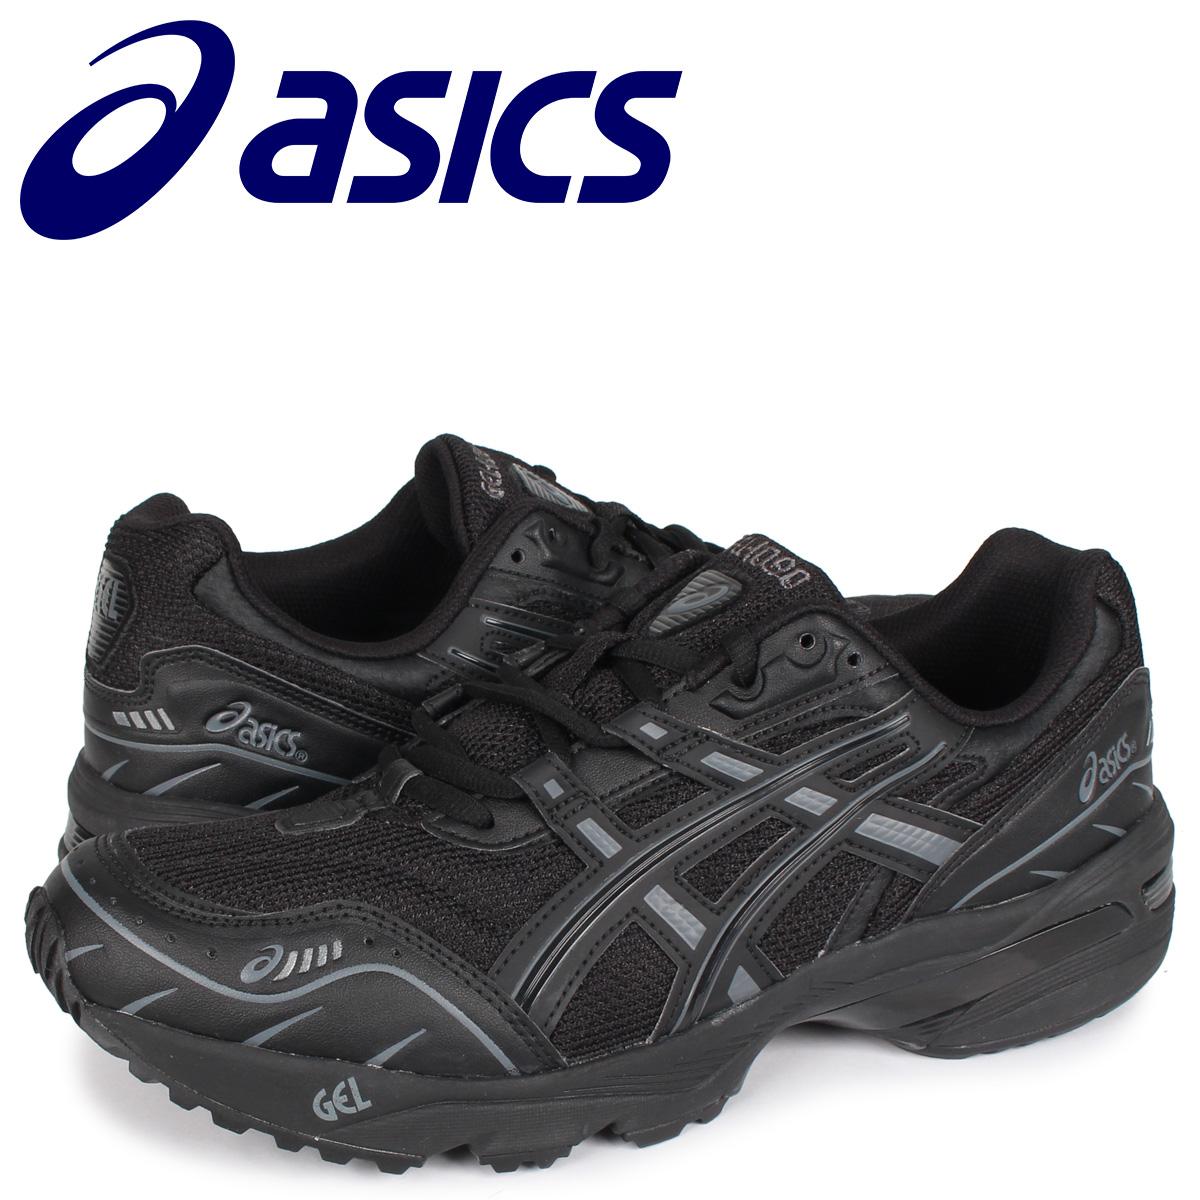 アシックス asics ゲル スニーカー メンズ GEL-1090 ブラック 黒 1021A275-001